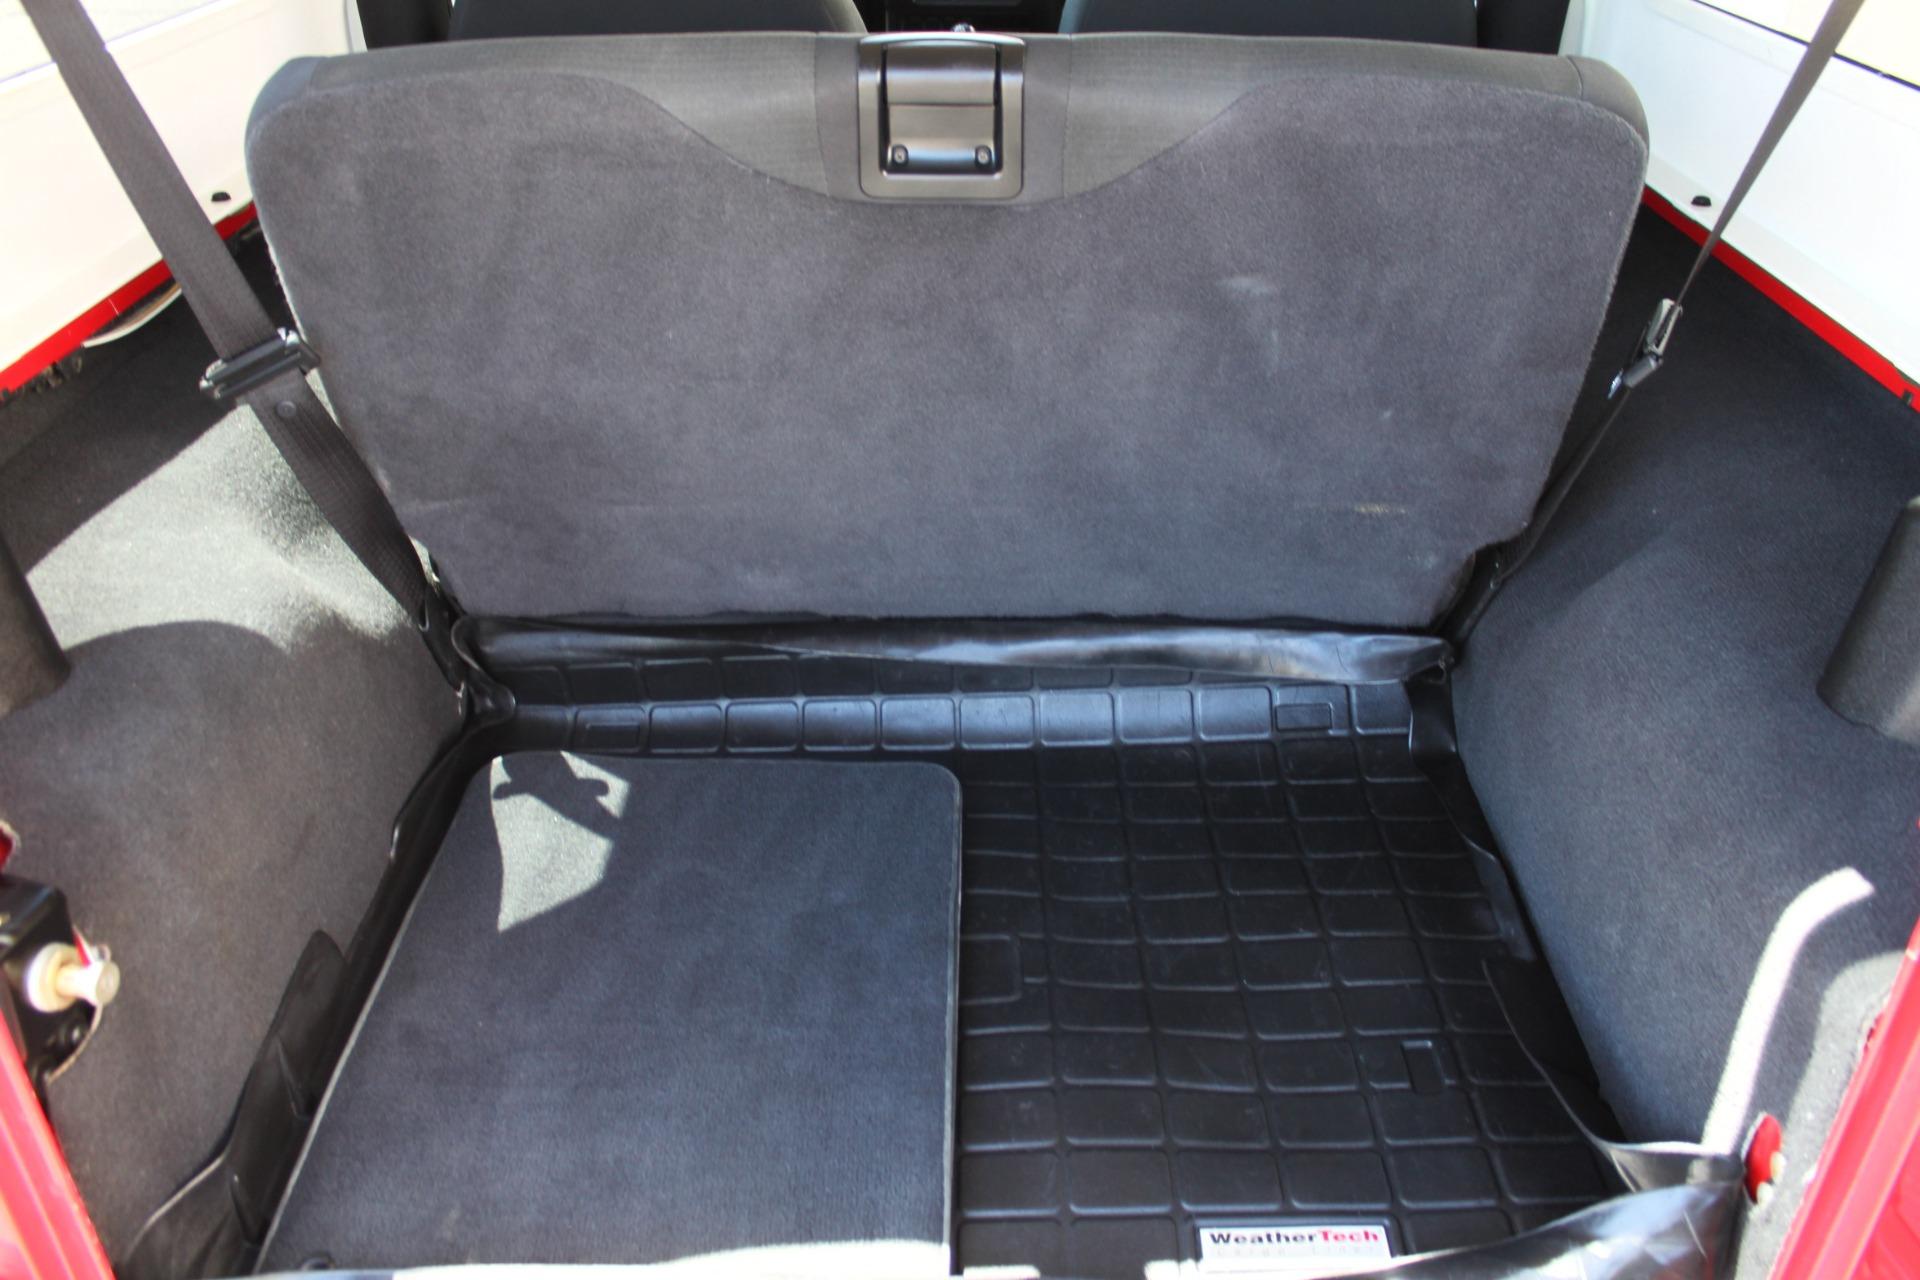 Used-2006-Jeep-Wrangler-4X4-LJ-Unlimited-LWB-Wrangler